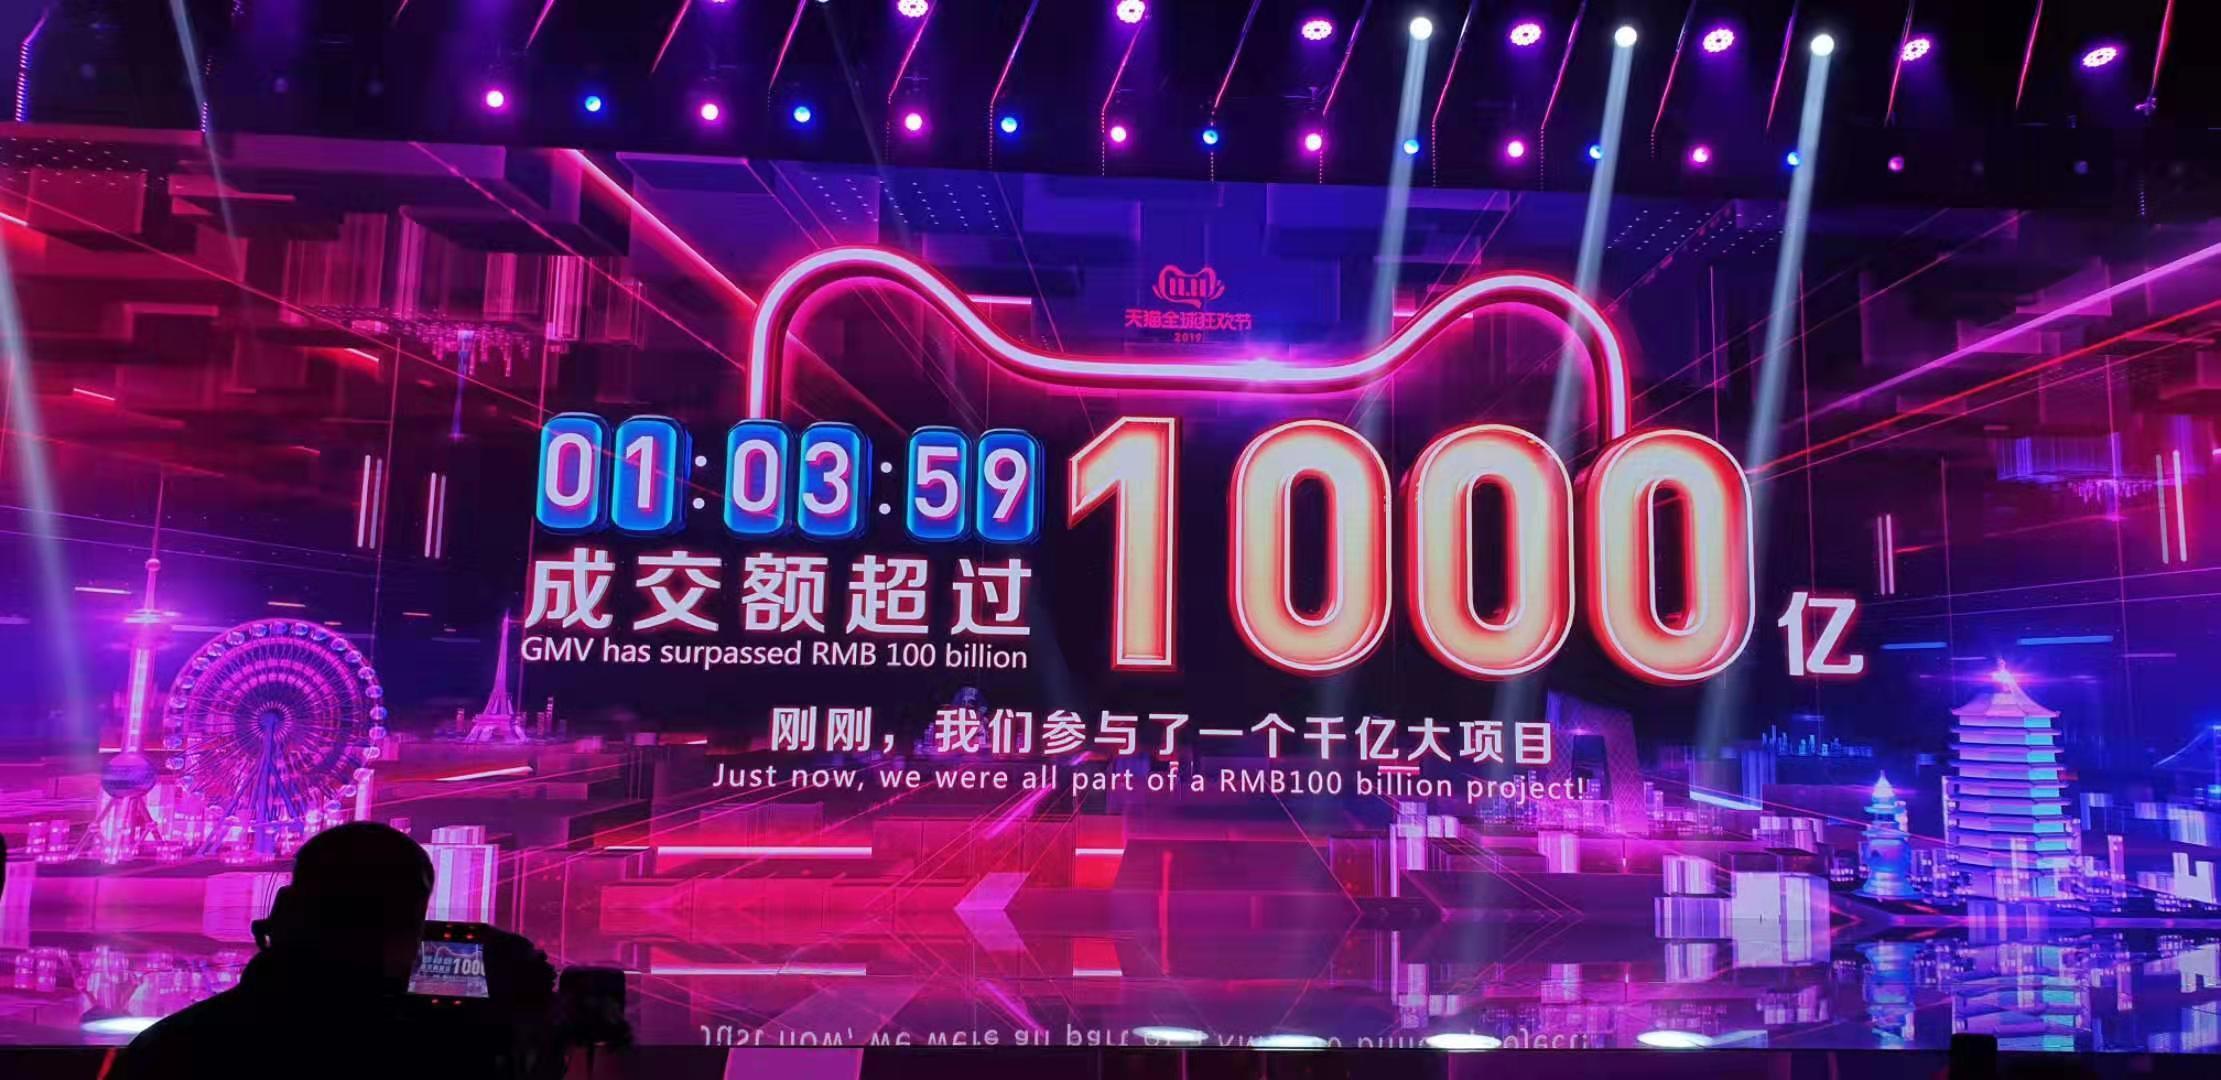 天猫1小时成交额超1000亿,马云退休后的第一个双11更火爆了